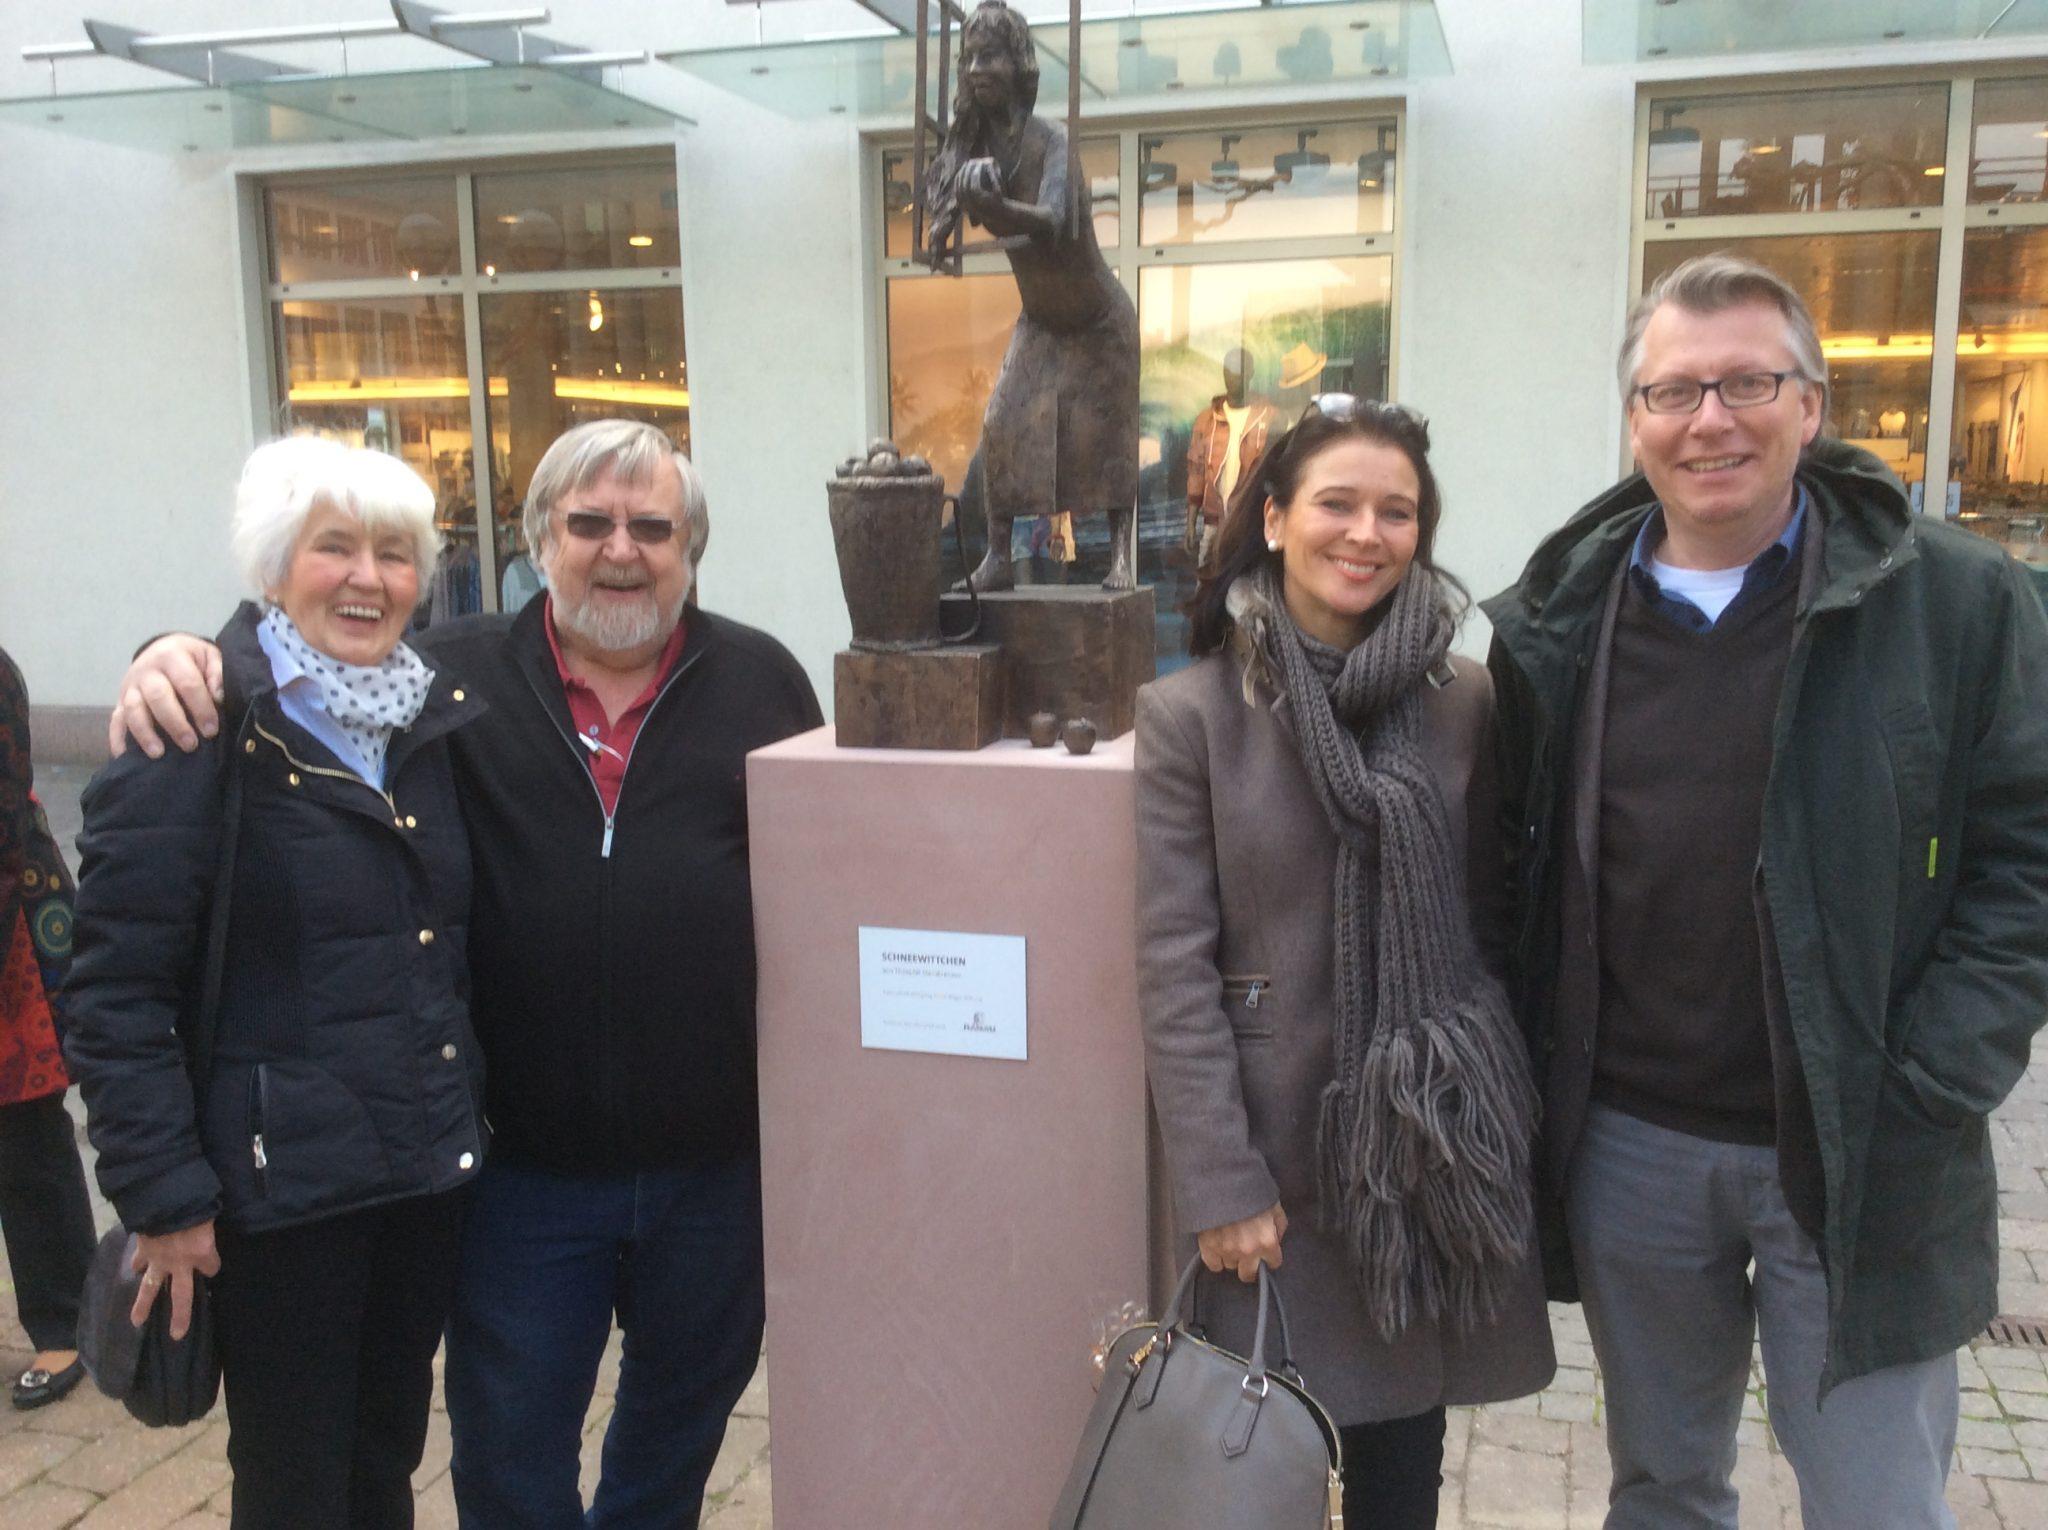 Barbara Nagel, Theophil Steinbrenner, Sabine Krempel und Martin Hoppe